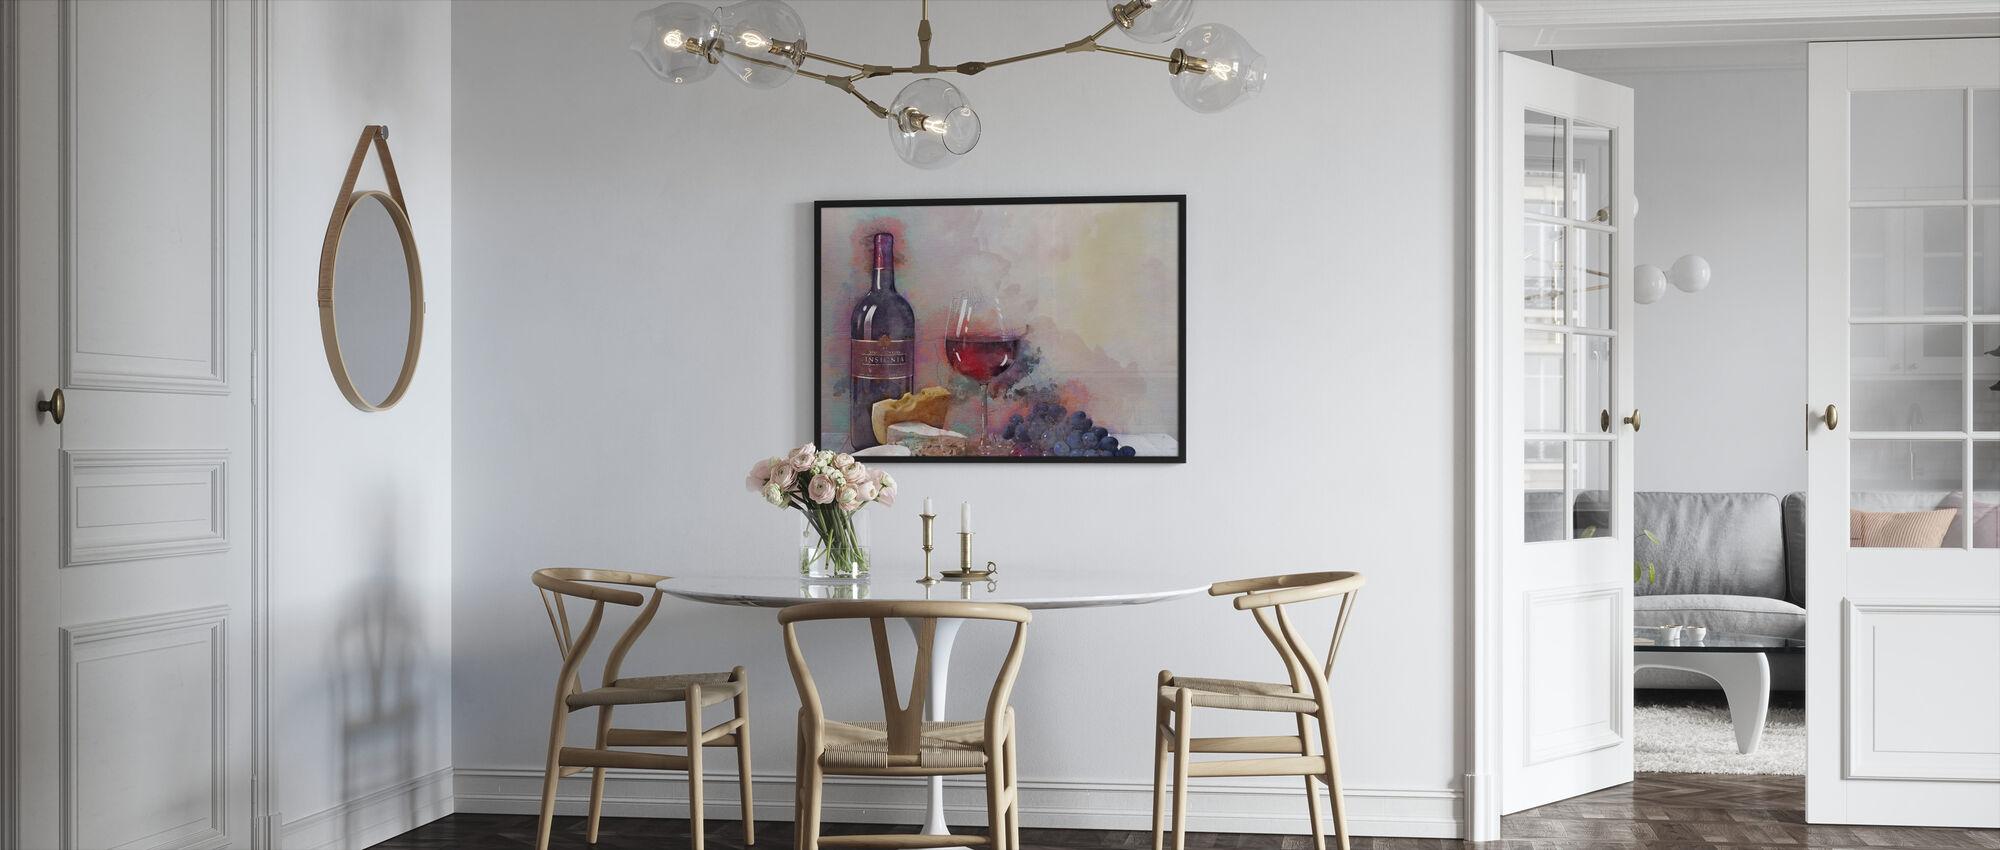 Ett speciellt tillfälle - Inramad tavla - Kök